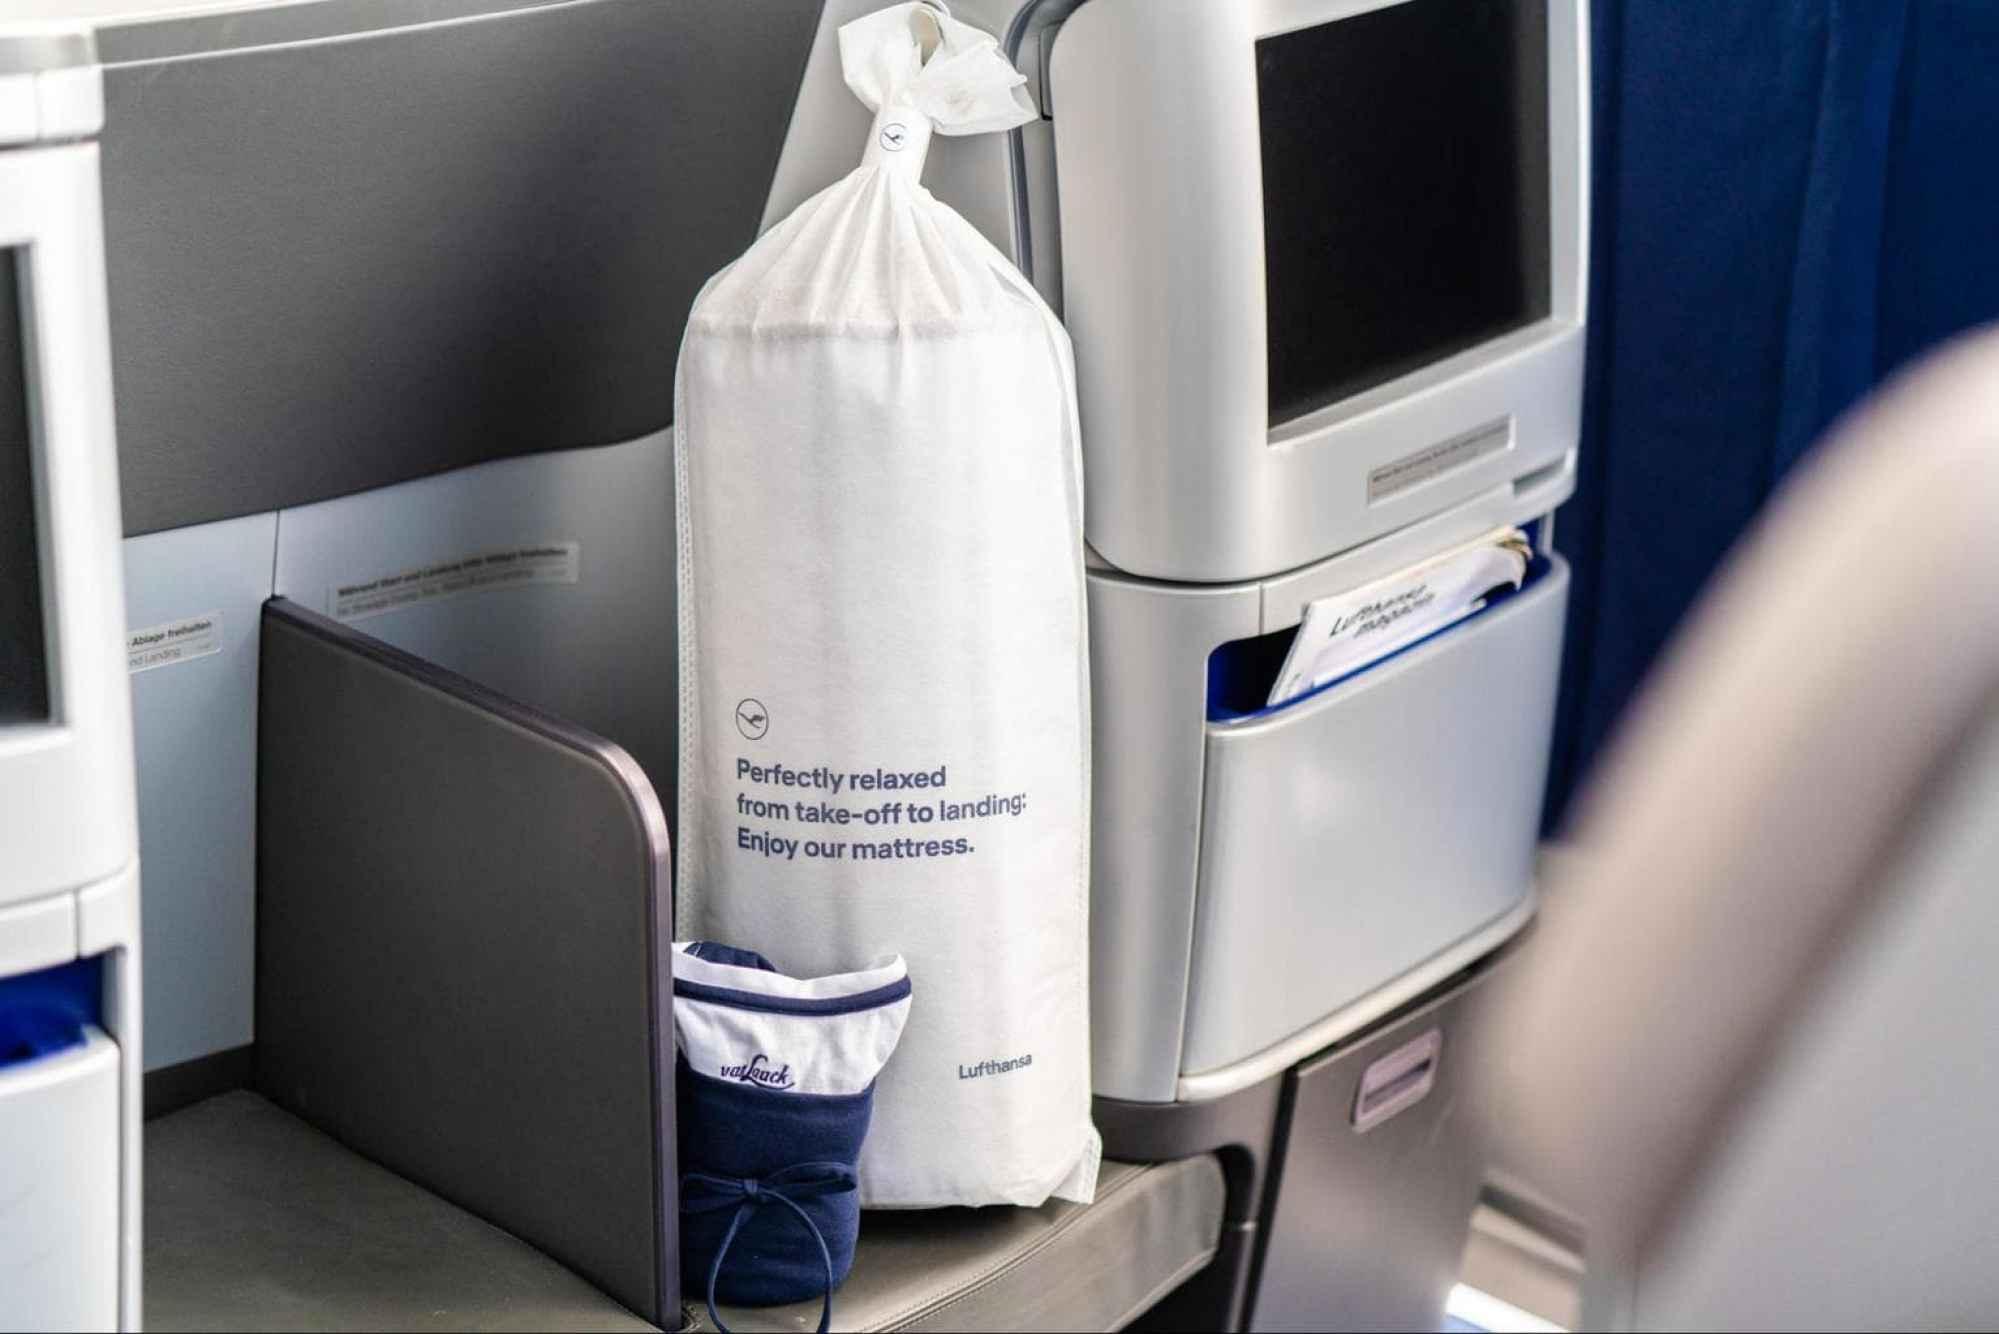 The packaging of Lufthansa's Business Class duvet